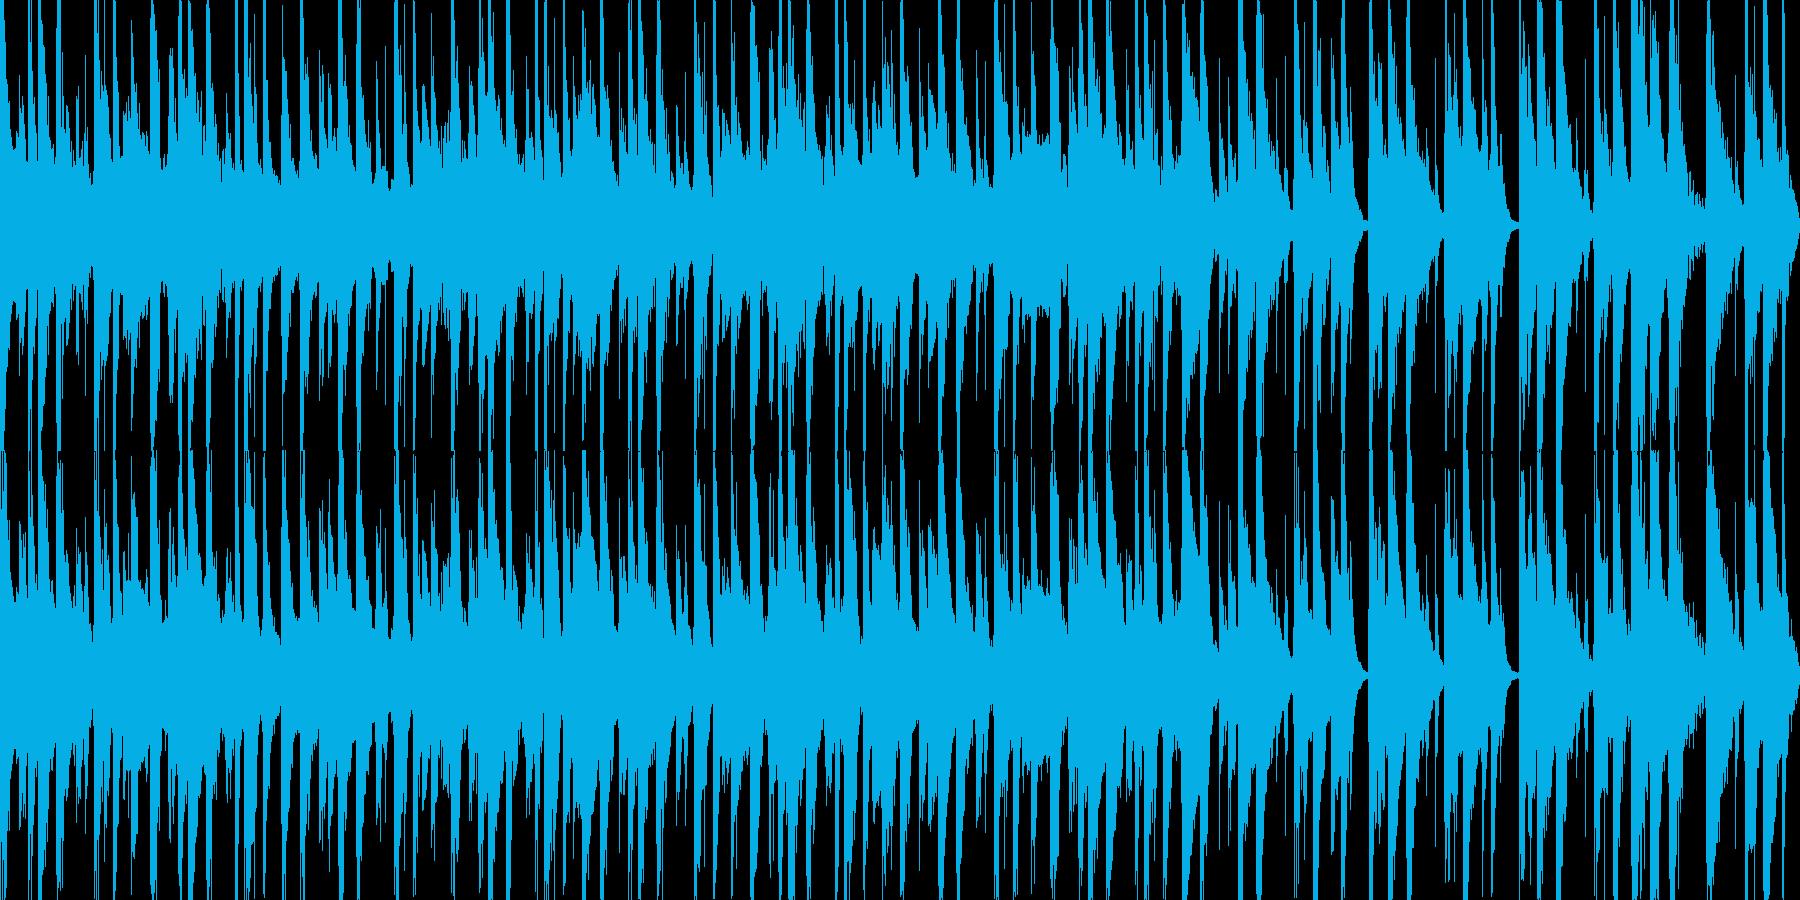 さすらいのBGMの再生済みの波形